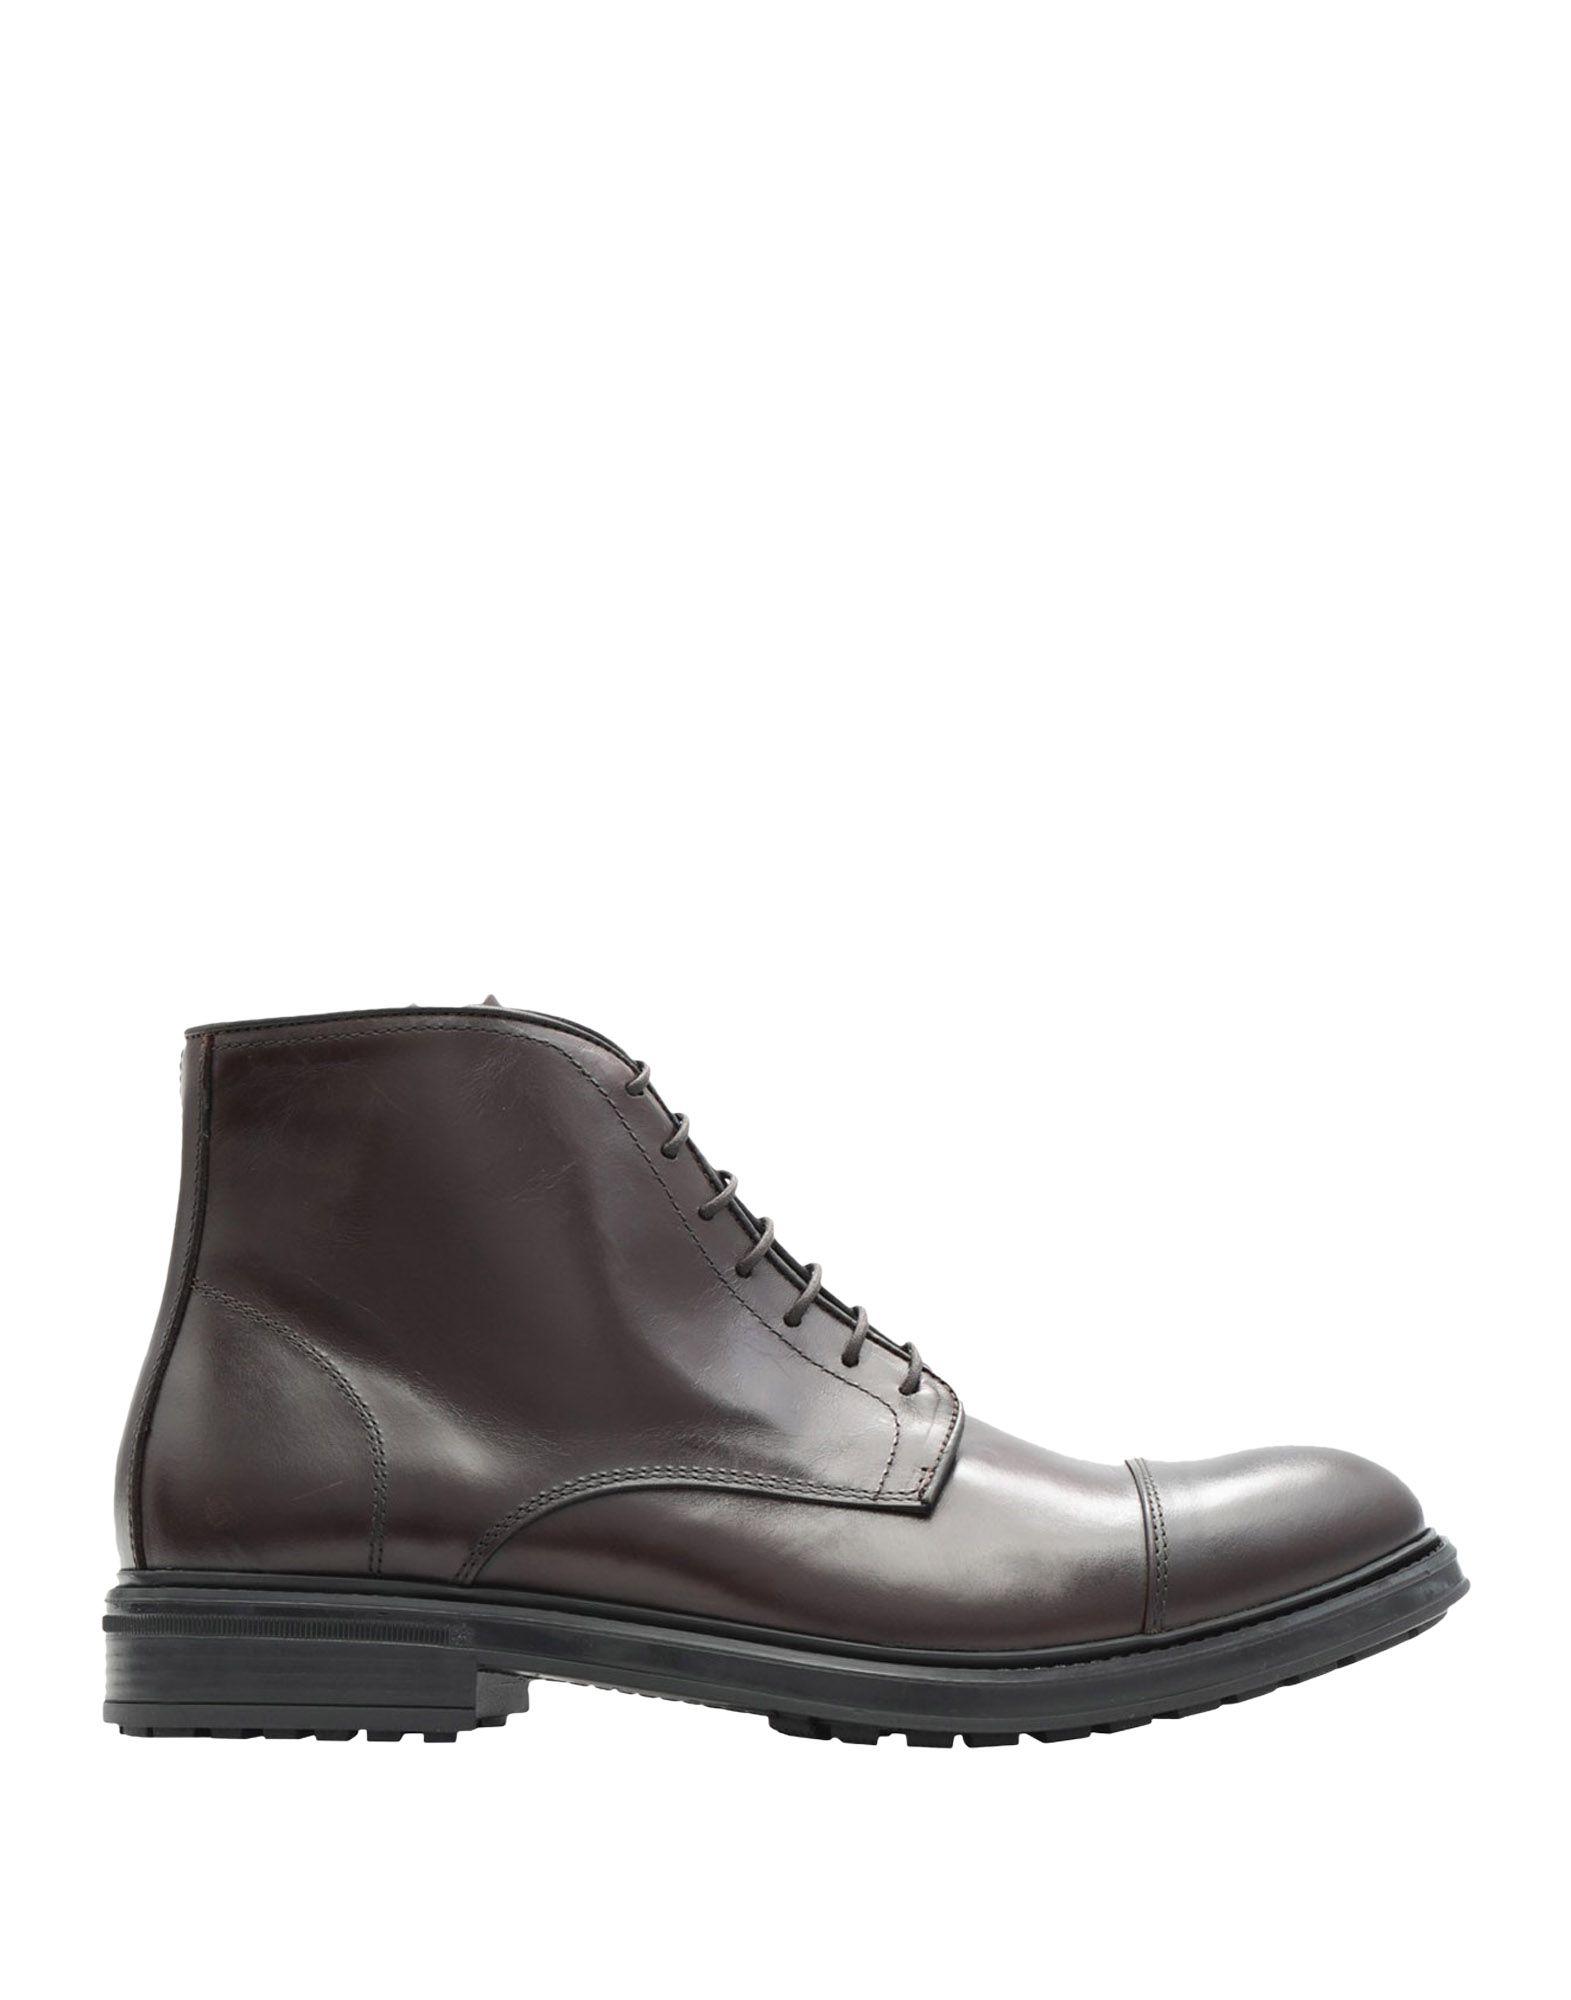 EVEET Полусапоги и высокие ботинки цены онлайн